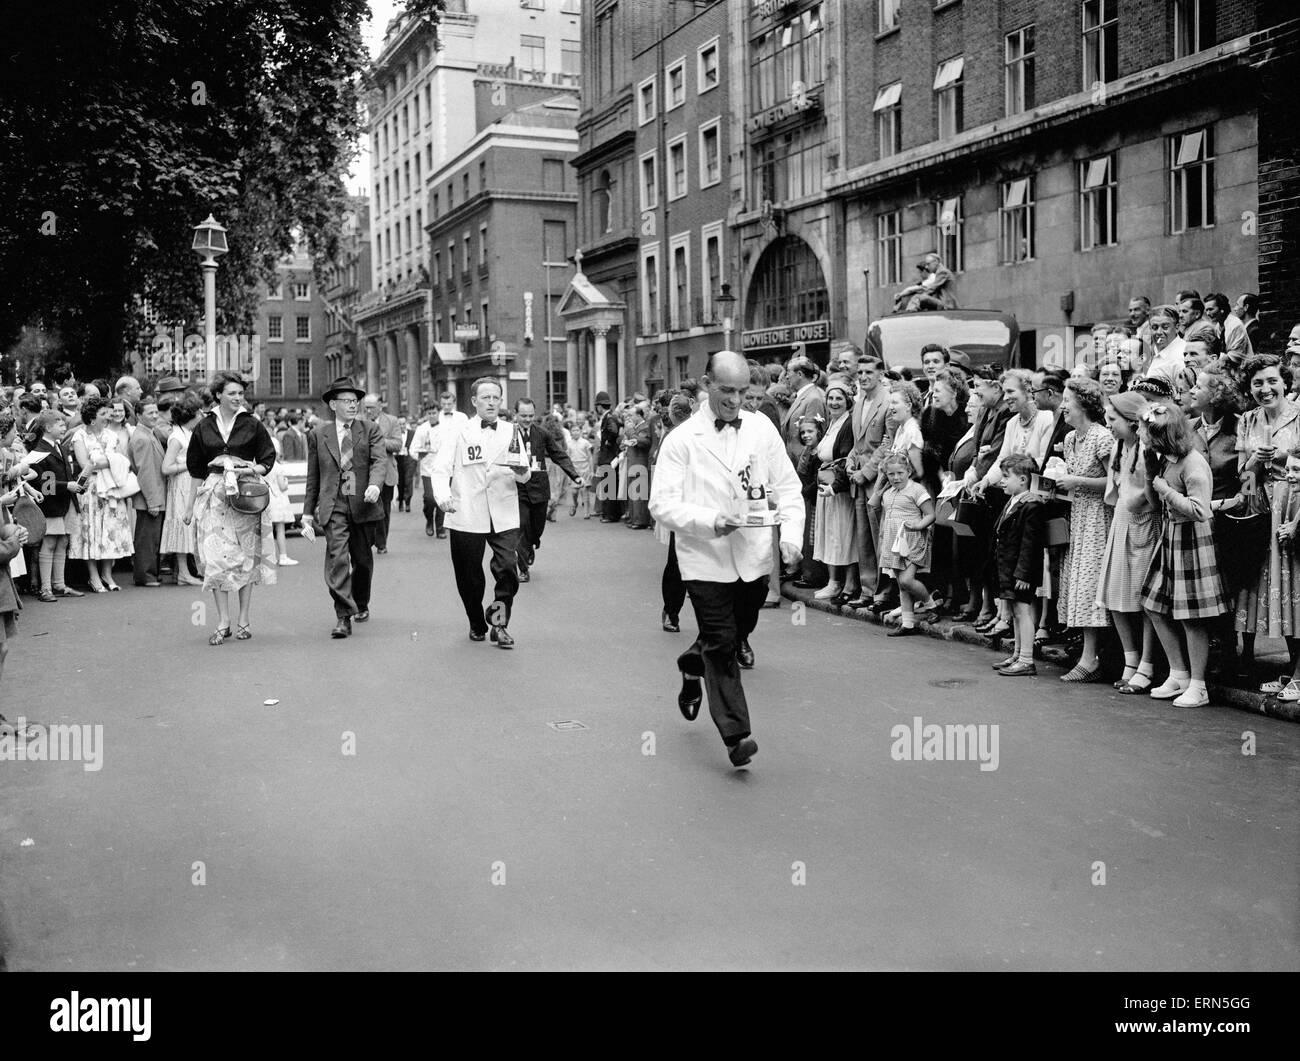 Soho Carnival, 10th July 1955. - Stock Image